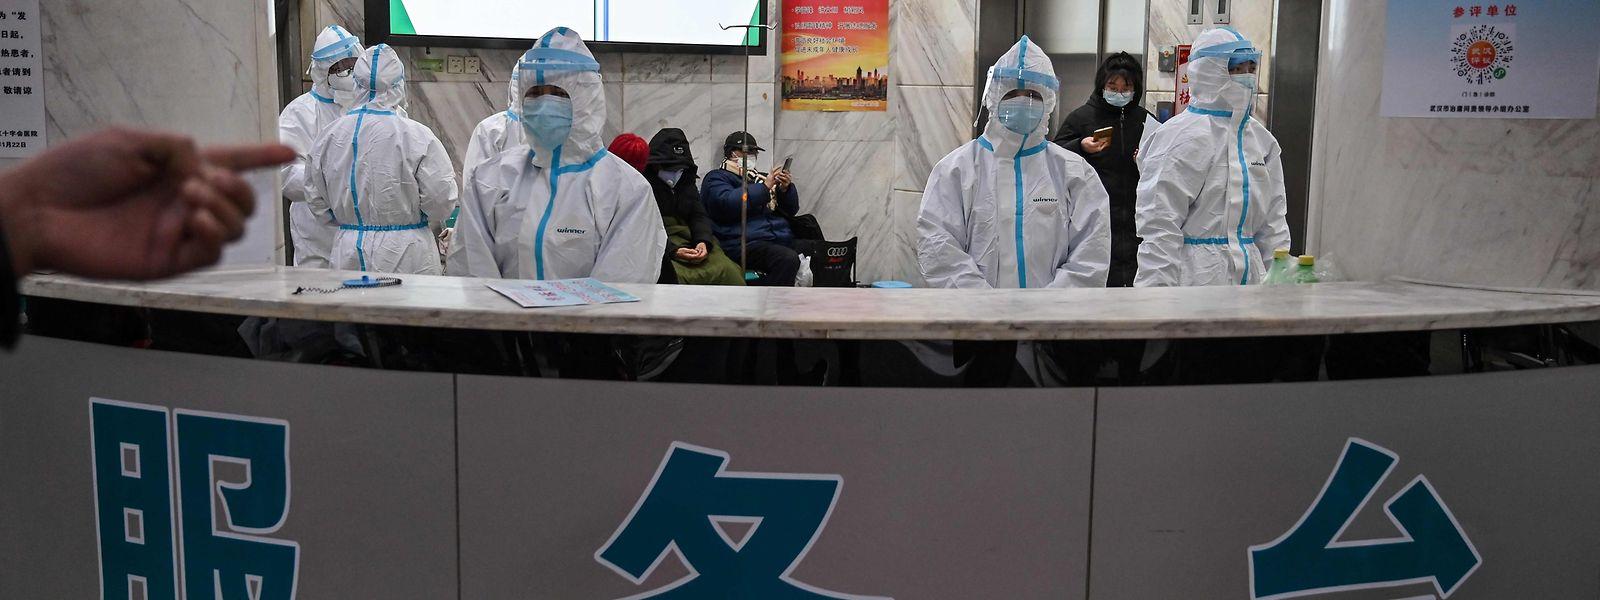 O pessoal médico do Hospital da Cruz Vermelha em Wuhan usa fatos protetores contra o Covid-19.